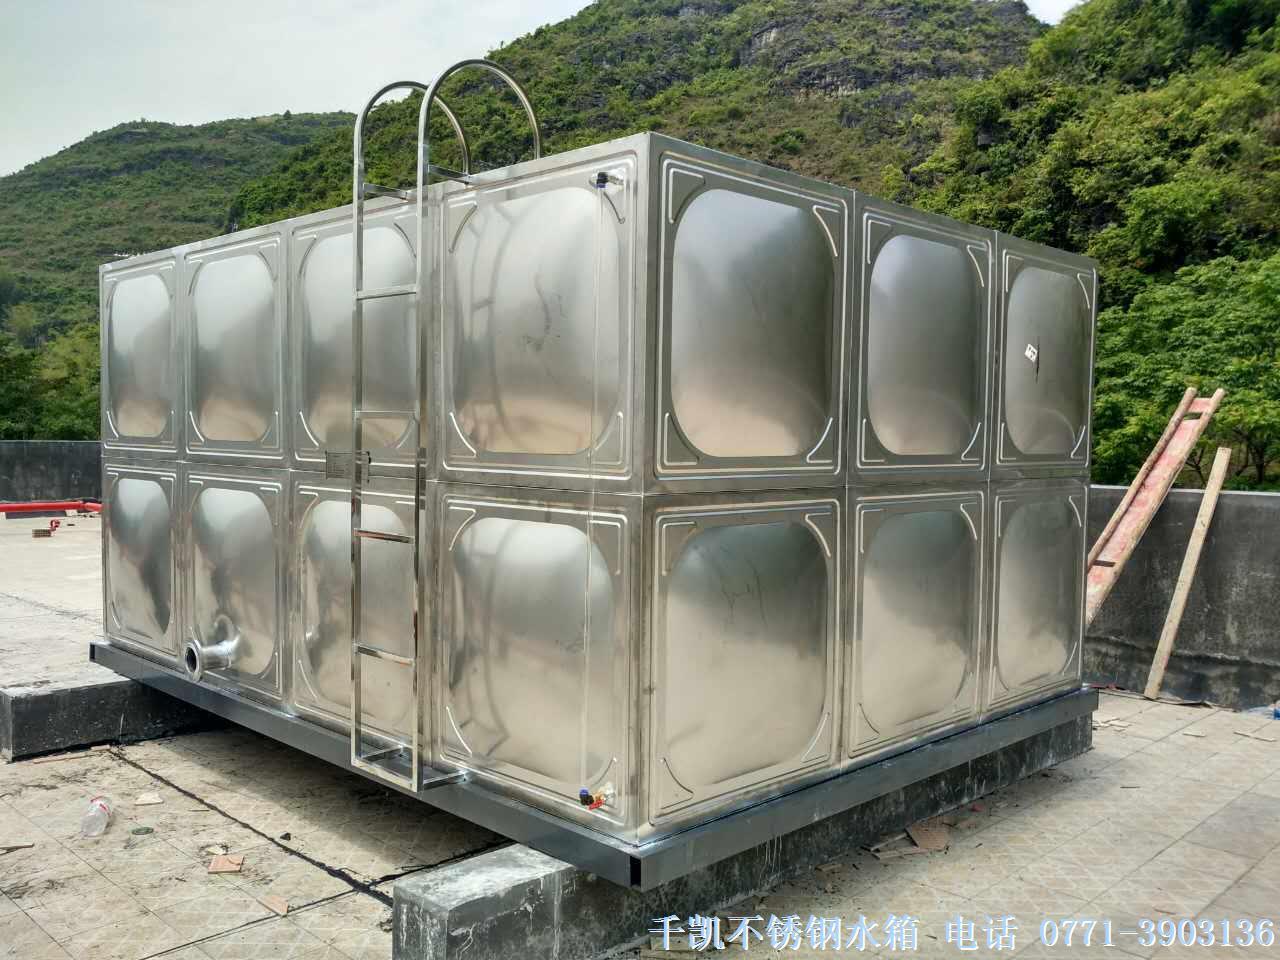 屋顶消防水箱是不锈钢水箱的一种用途类型, 屋顶消 防水箱是建筑